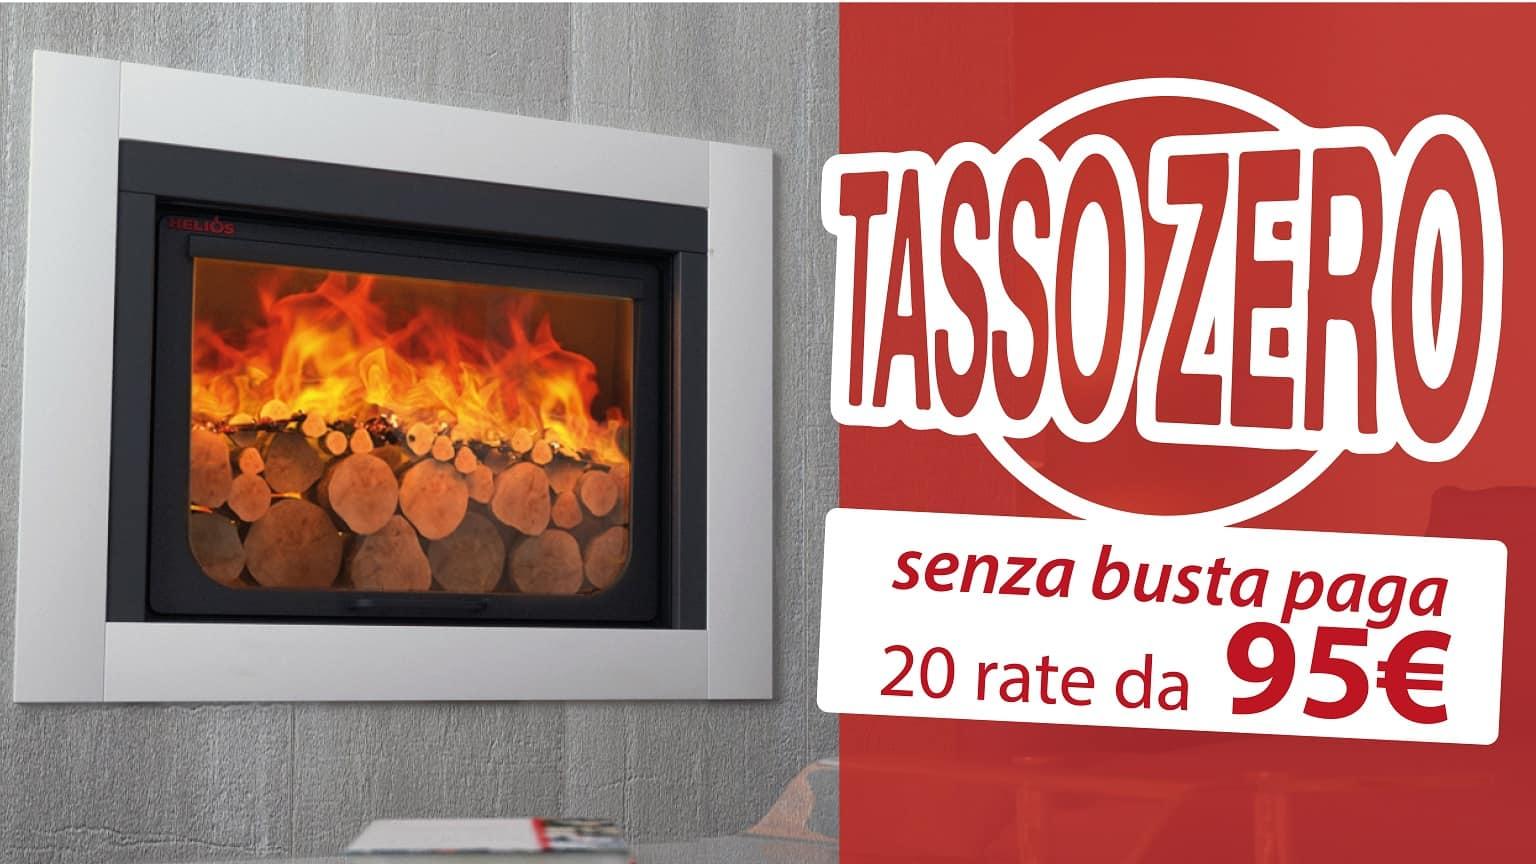 Ecoflame a tasso zero!